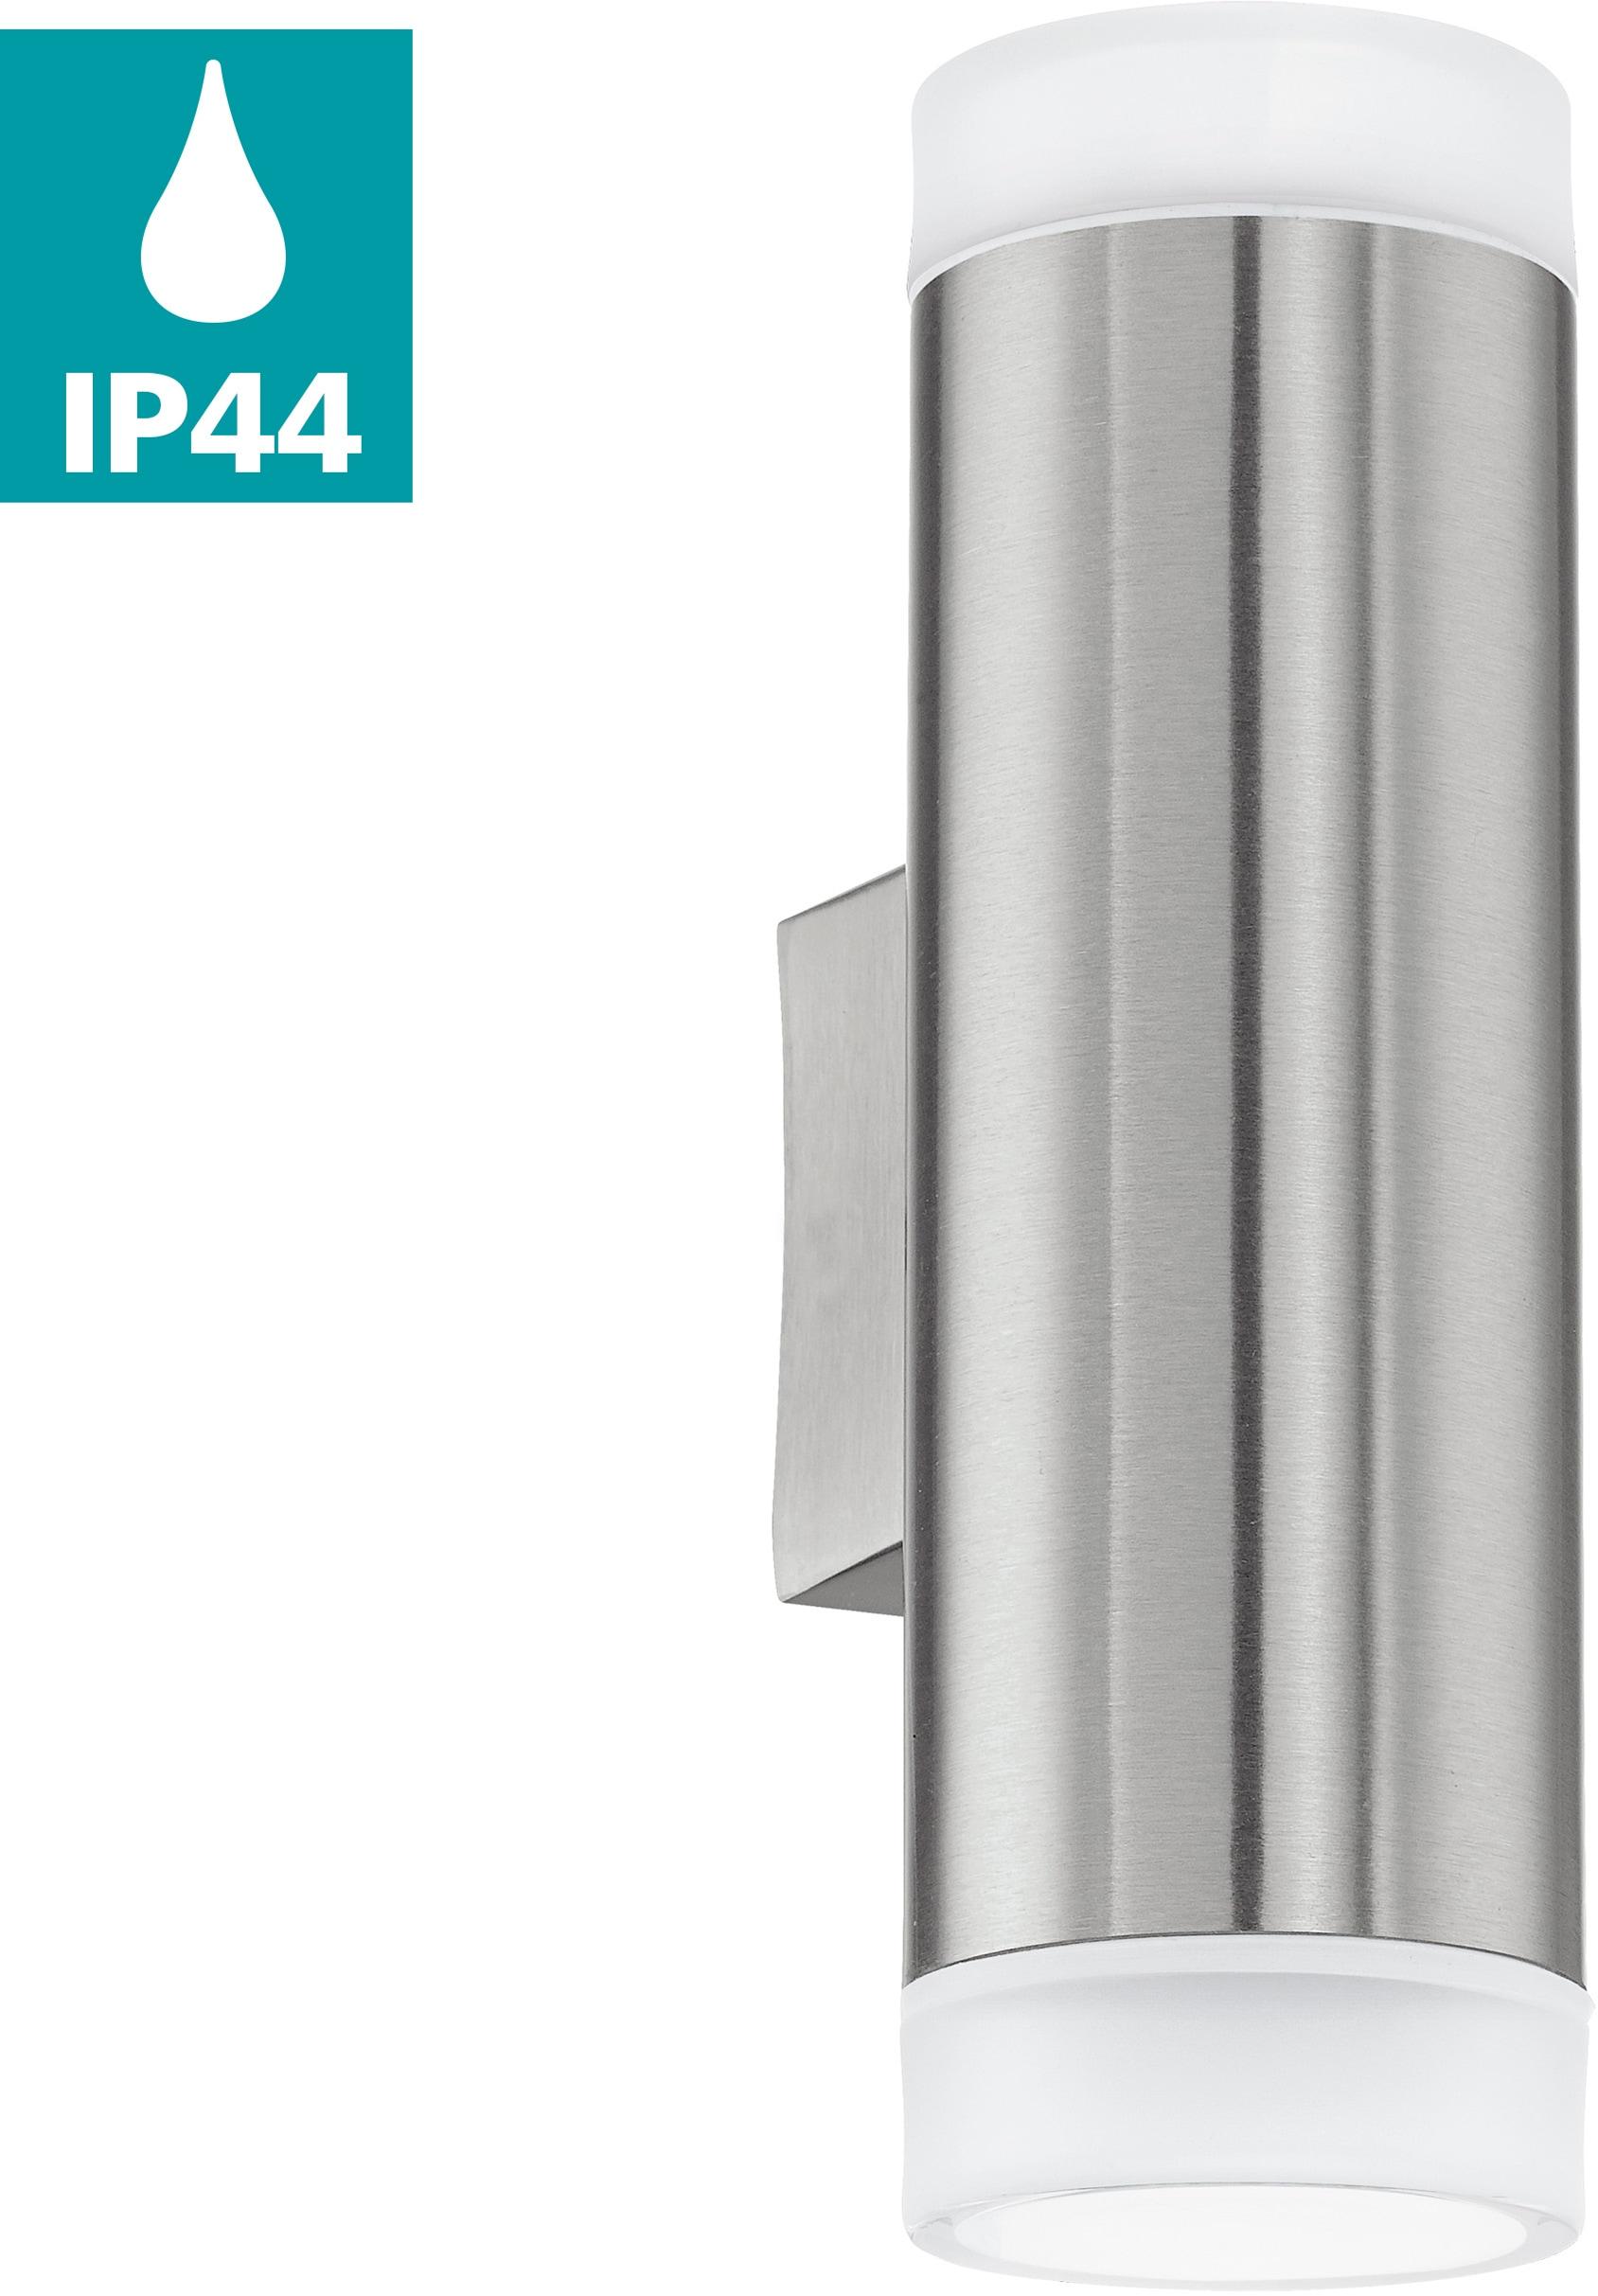 EGLO LED Außen-Wandleuchte RIGA-LED, GU10, Warmweiß, Eckmontage möglich